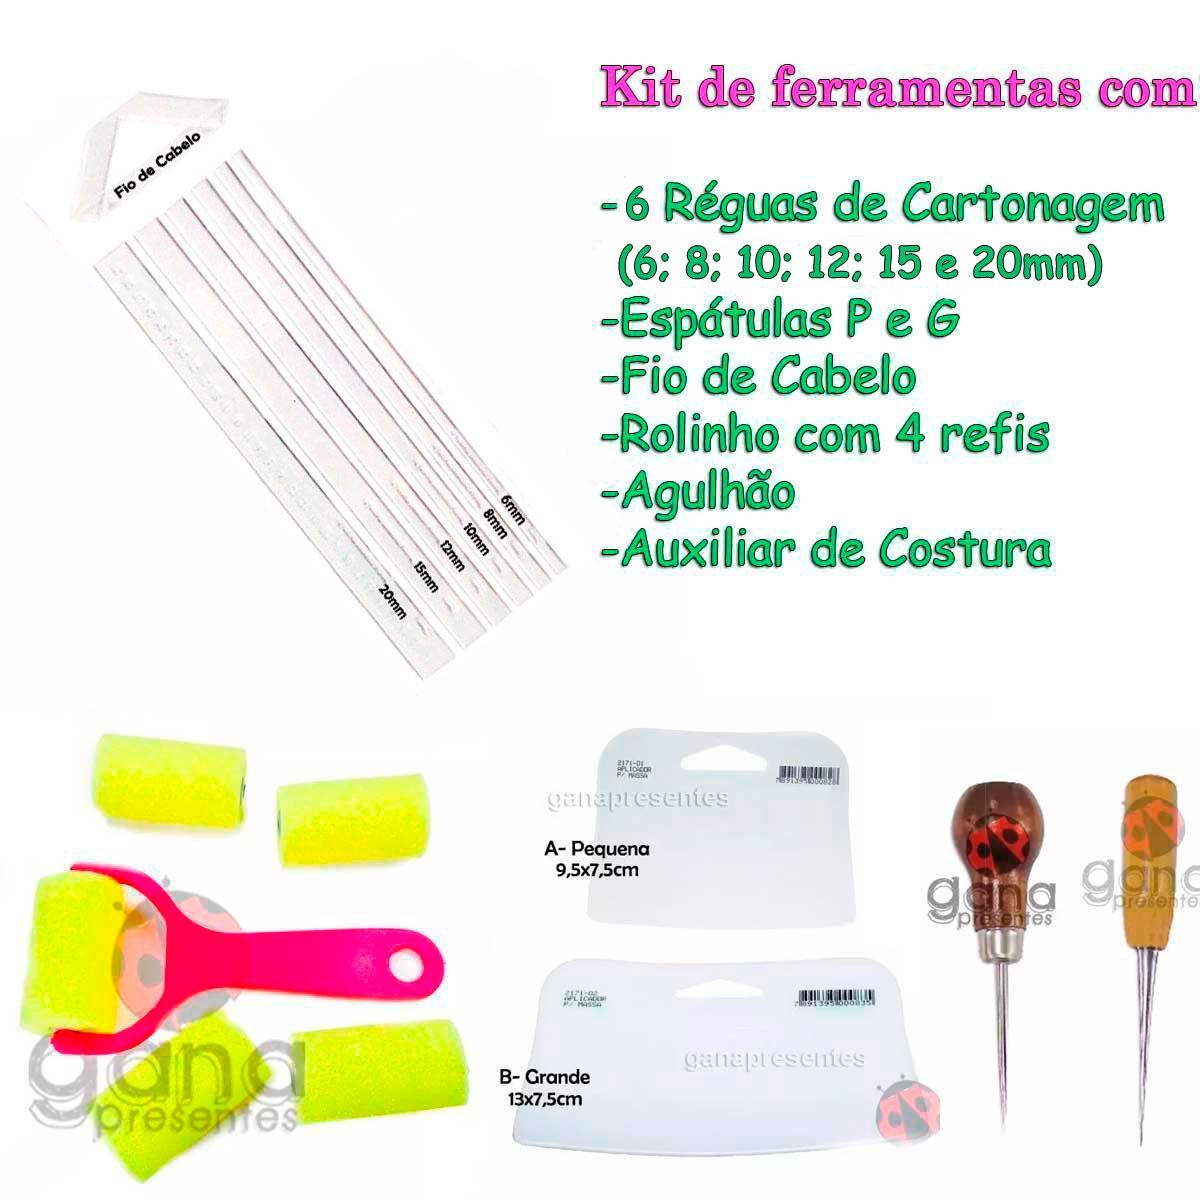 Kit espátulas + réguas de cartonagem fio cabelo+rolinho+kit agulhão